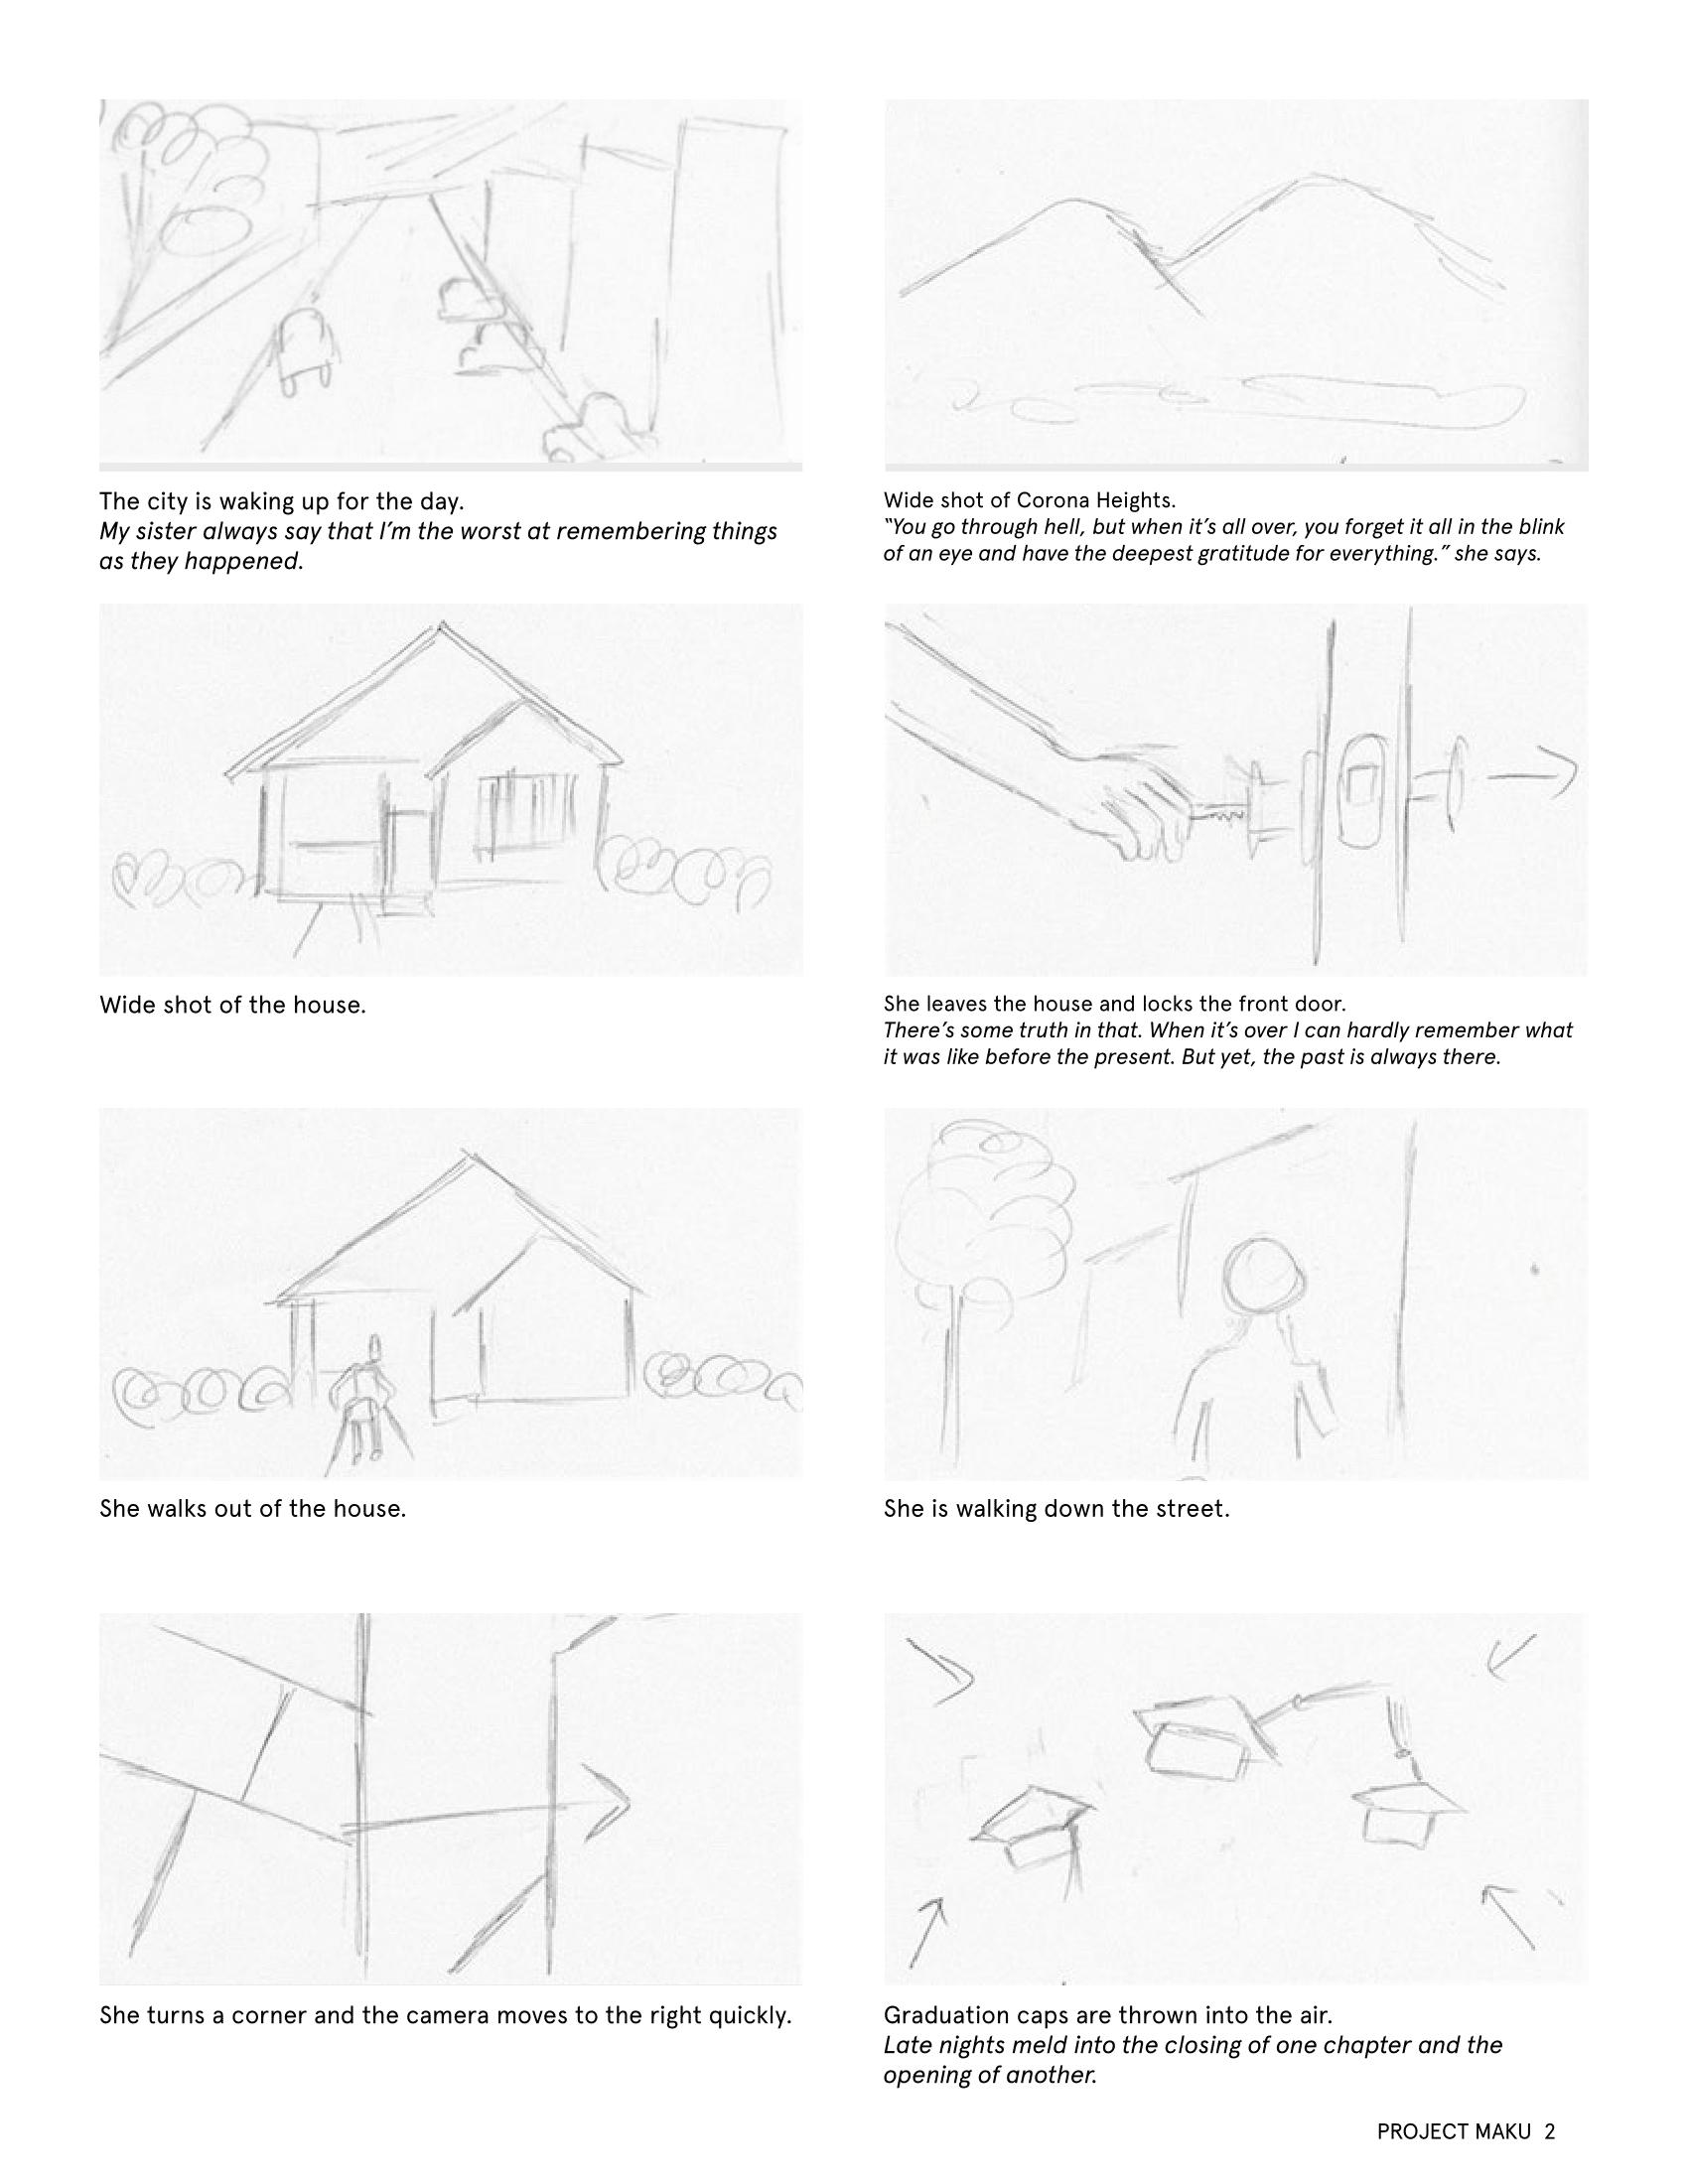 Maku ProjectMaku Storyboard-2.png